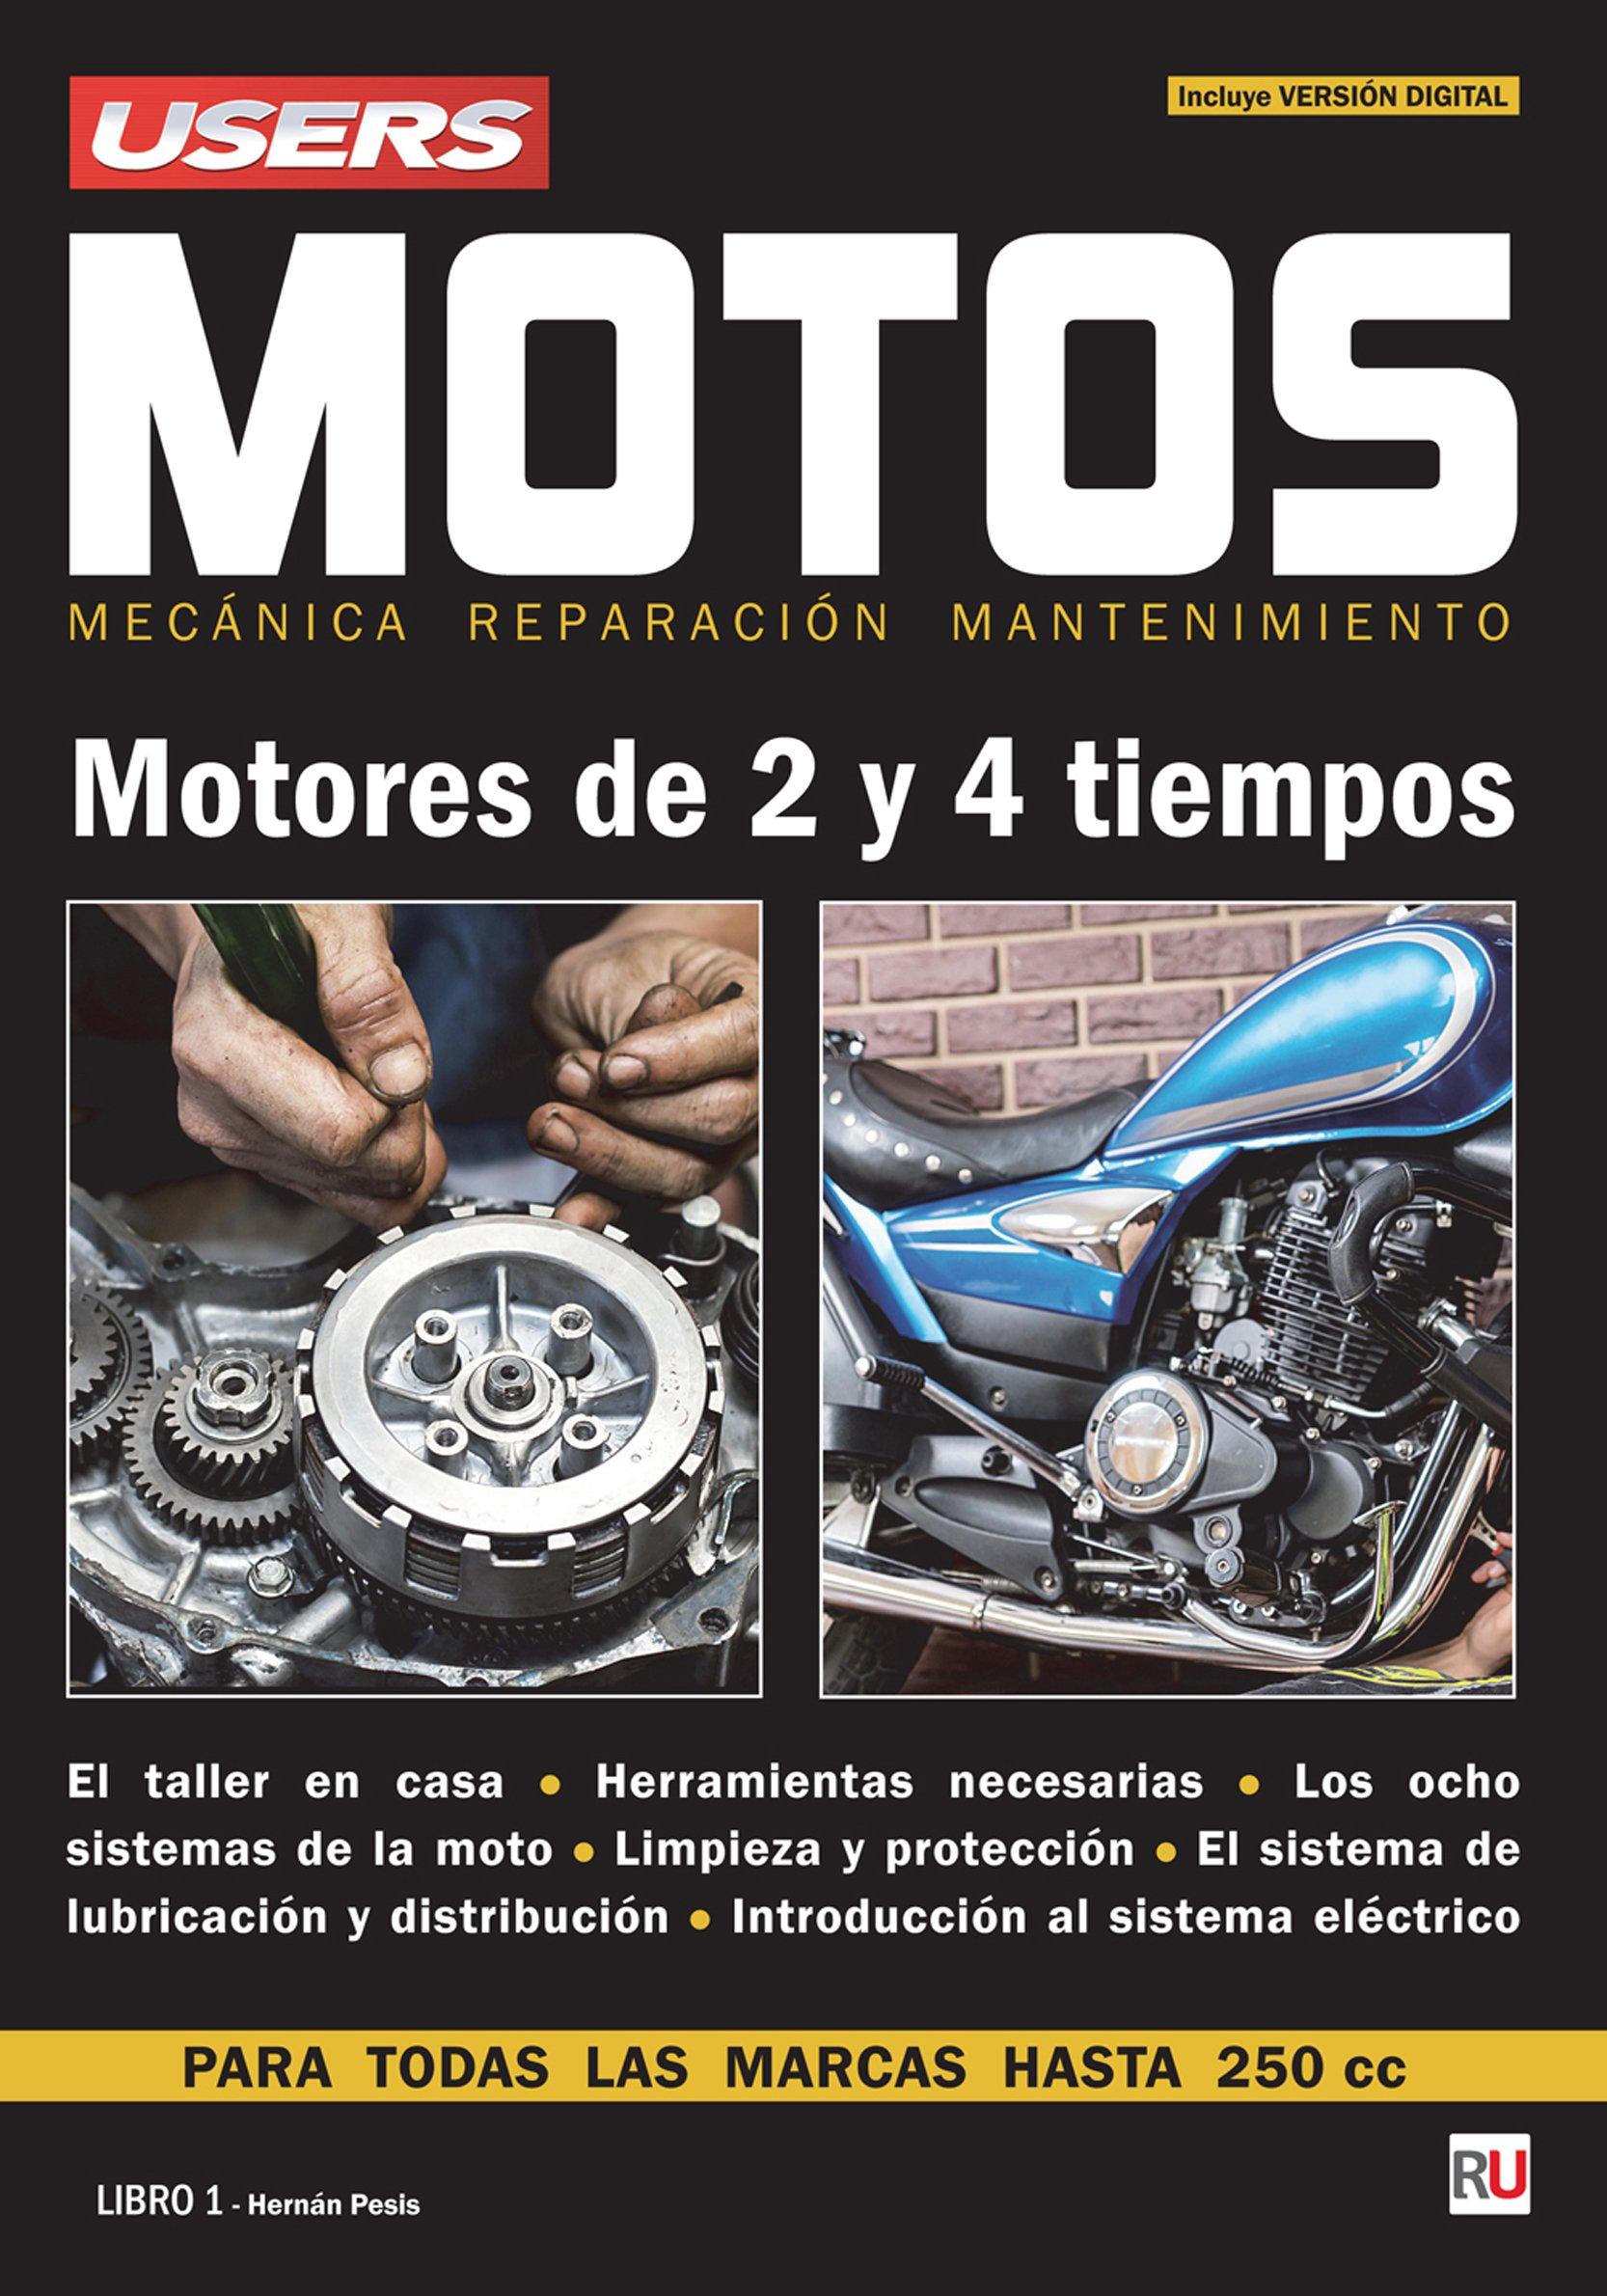 Motos - Motores de 2 y 4 tiempos (Spanish Edition) (Spanish) Paperback – February 1, 2016